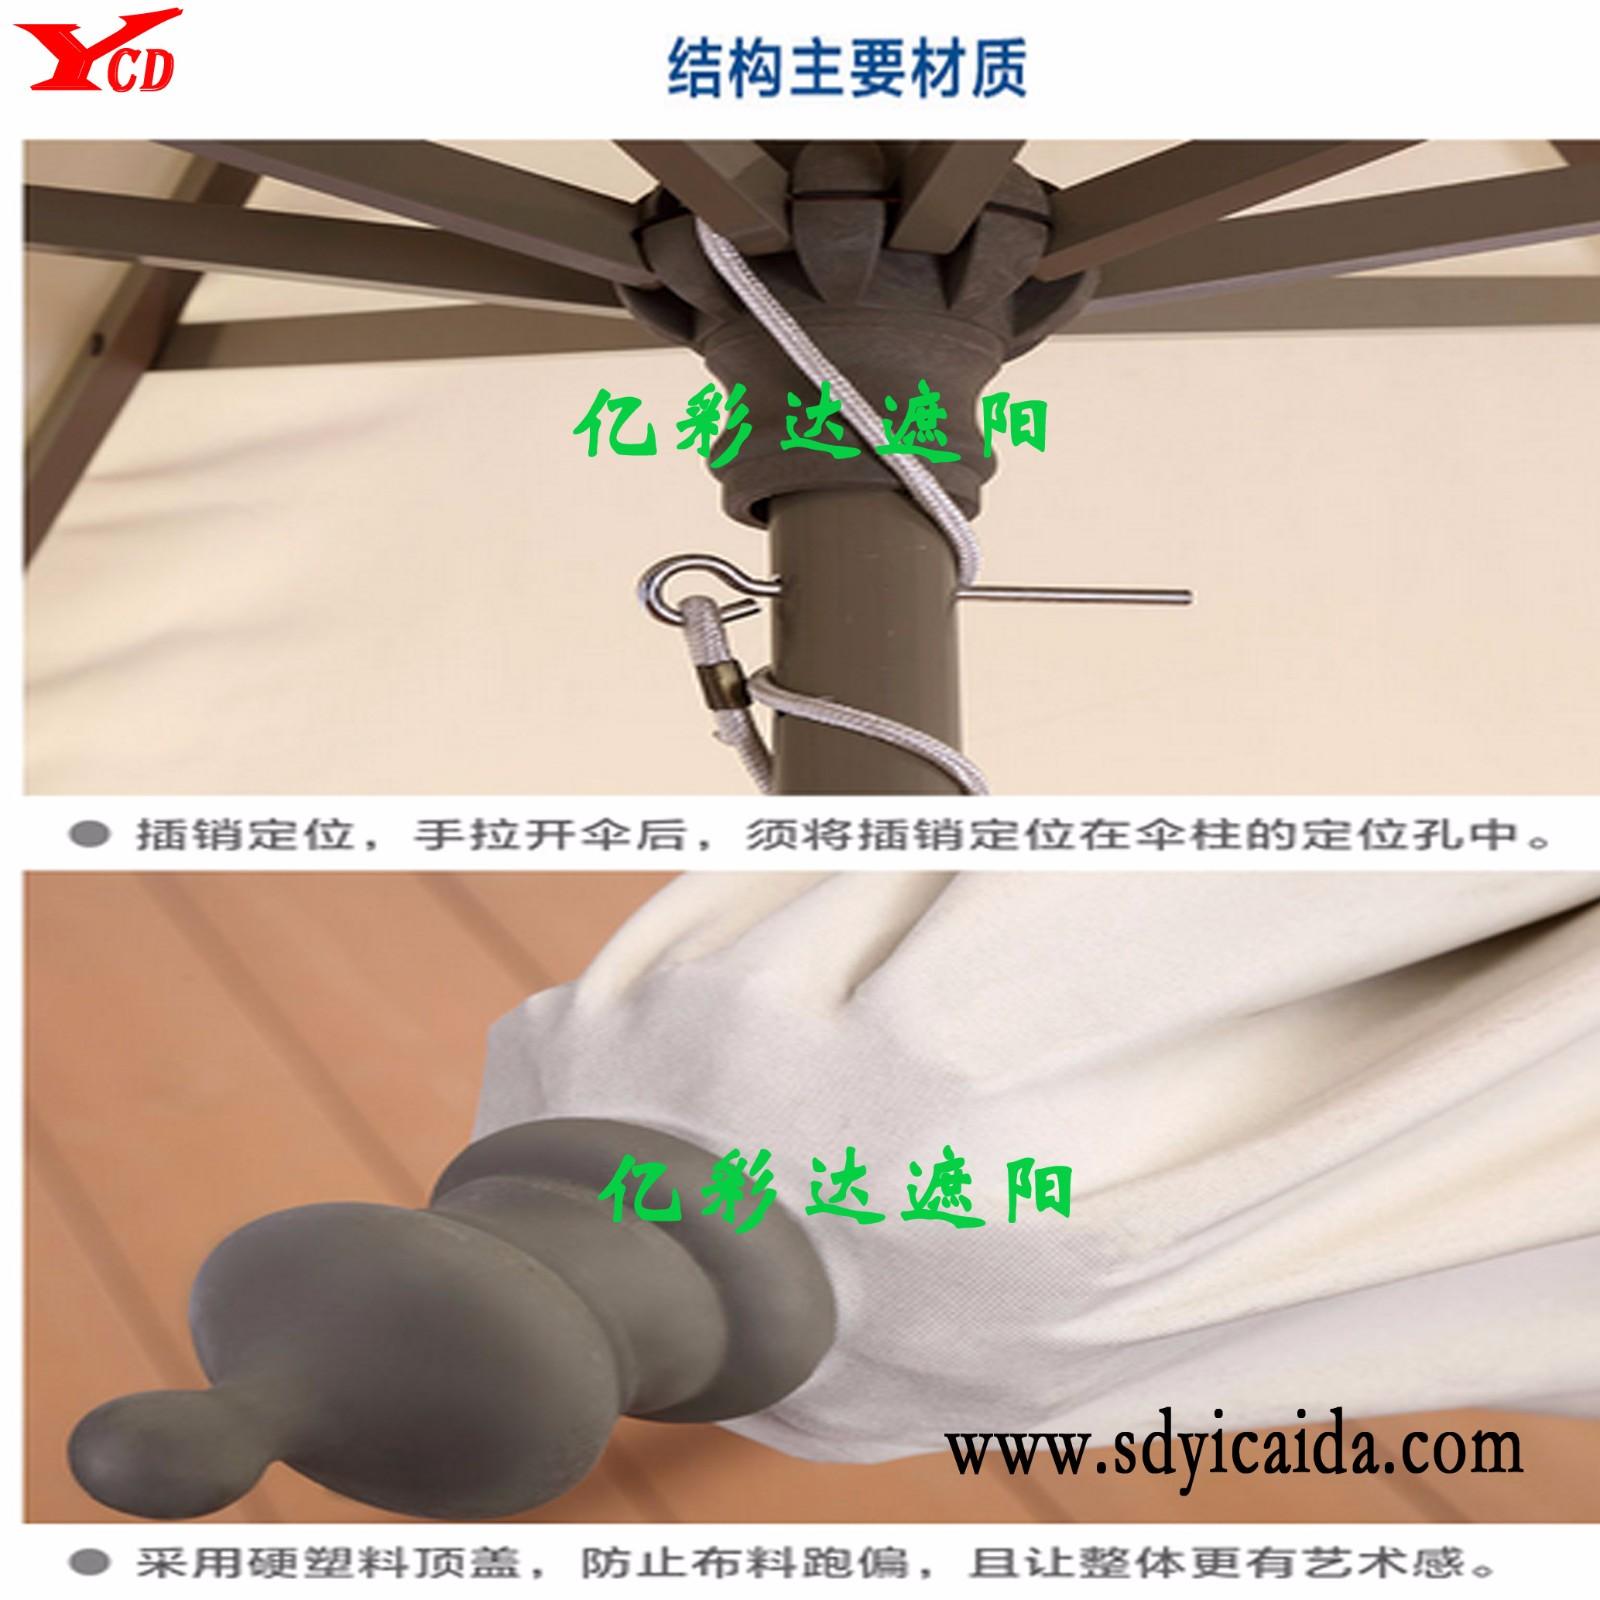 豪华铝合金中柱伞 遮阳伞-山东亿彩达遮阳节能科技有限公司